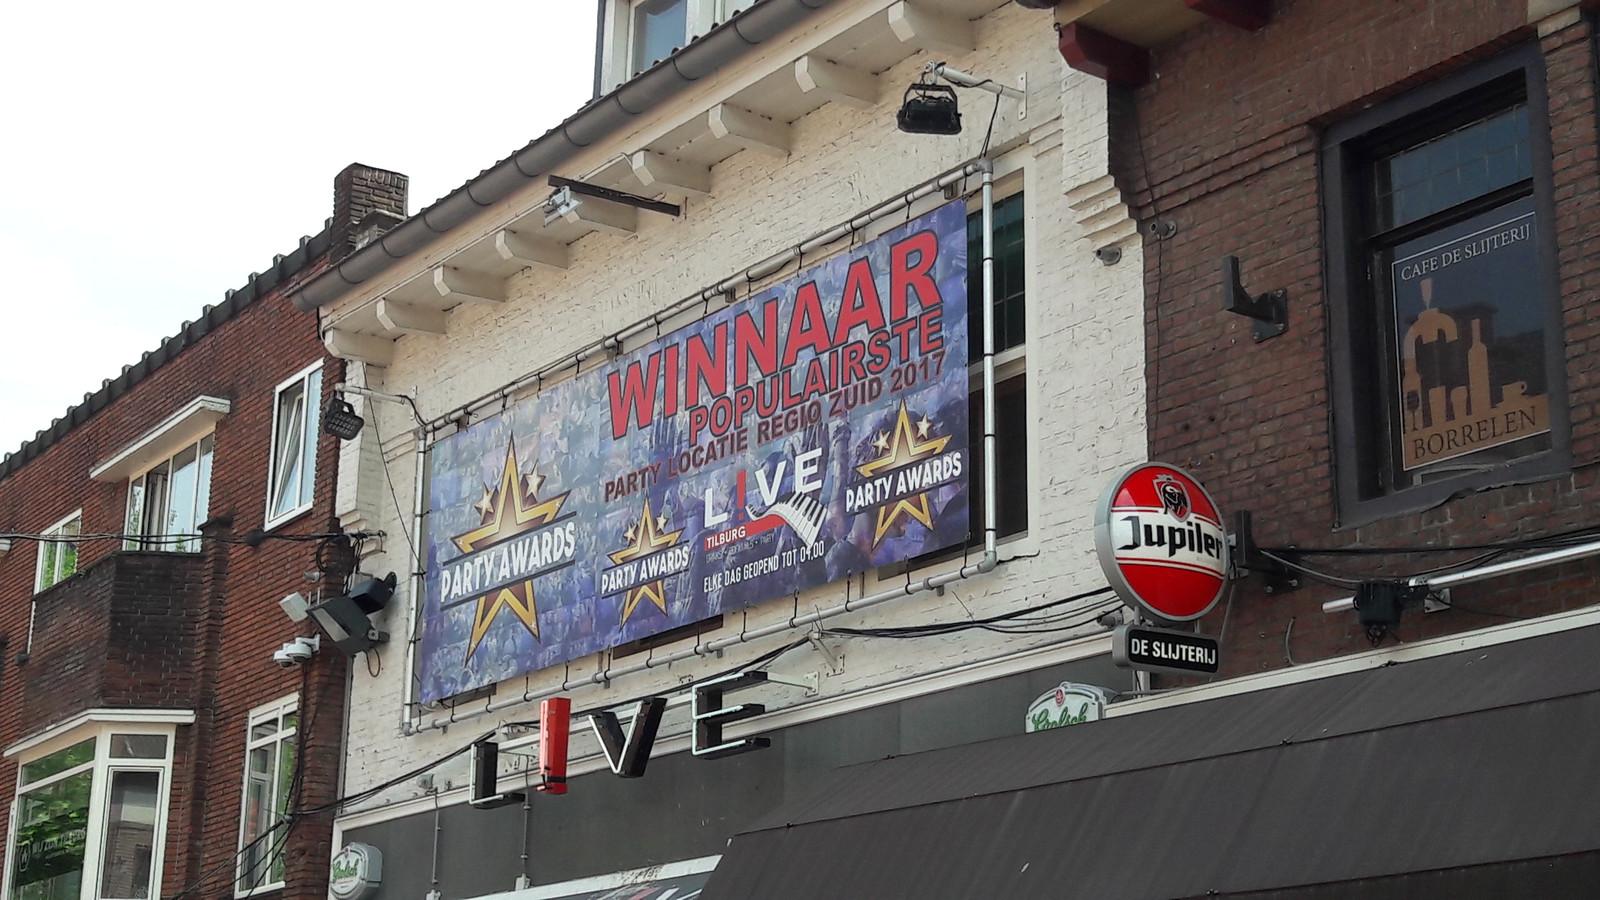 Grote geveldoeken: goedkoop, snel opgehangen, maar 'een aantasting van het rijksbeschermd Stadsgezicht', vinden Heemkundekring Tilborch en het Cuypersgenootschap.